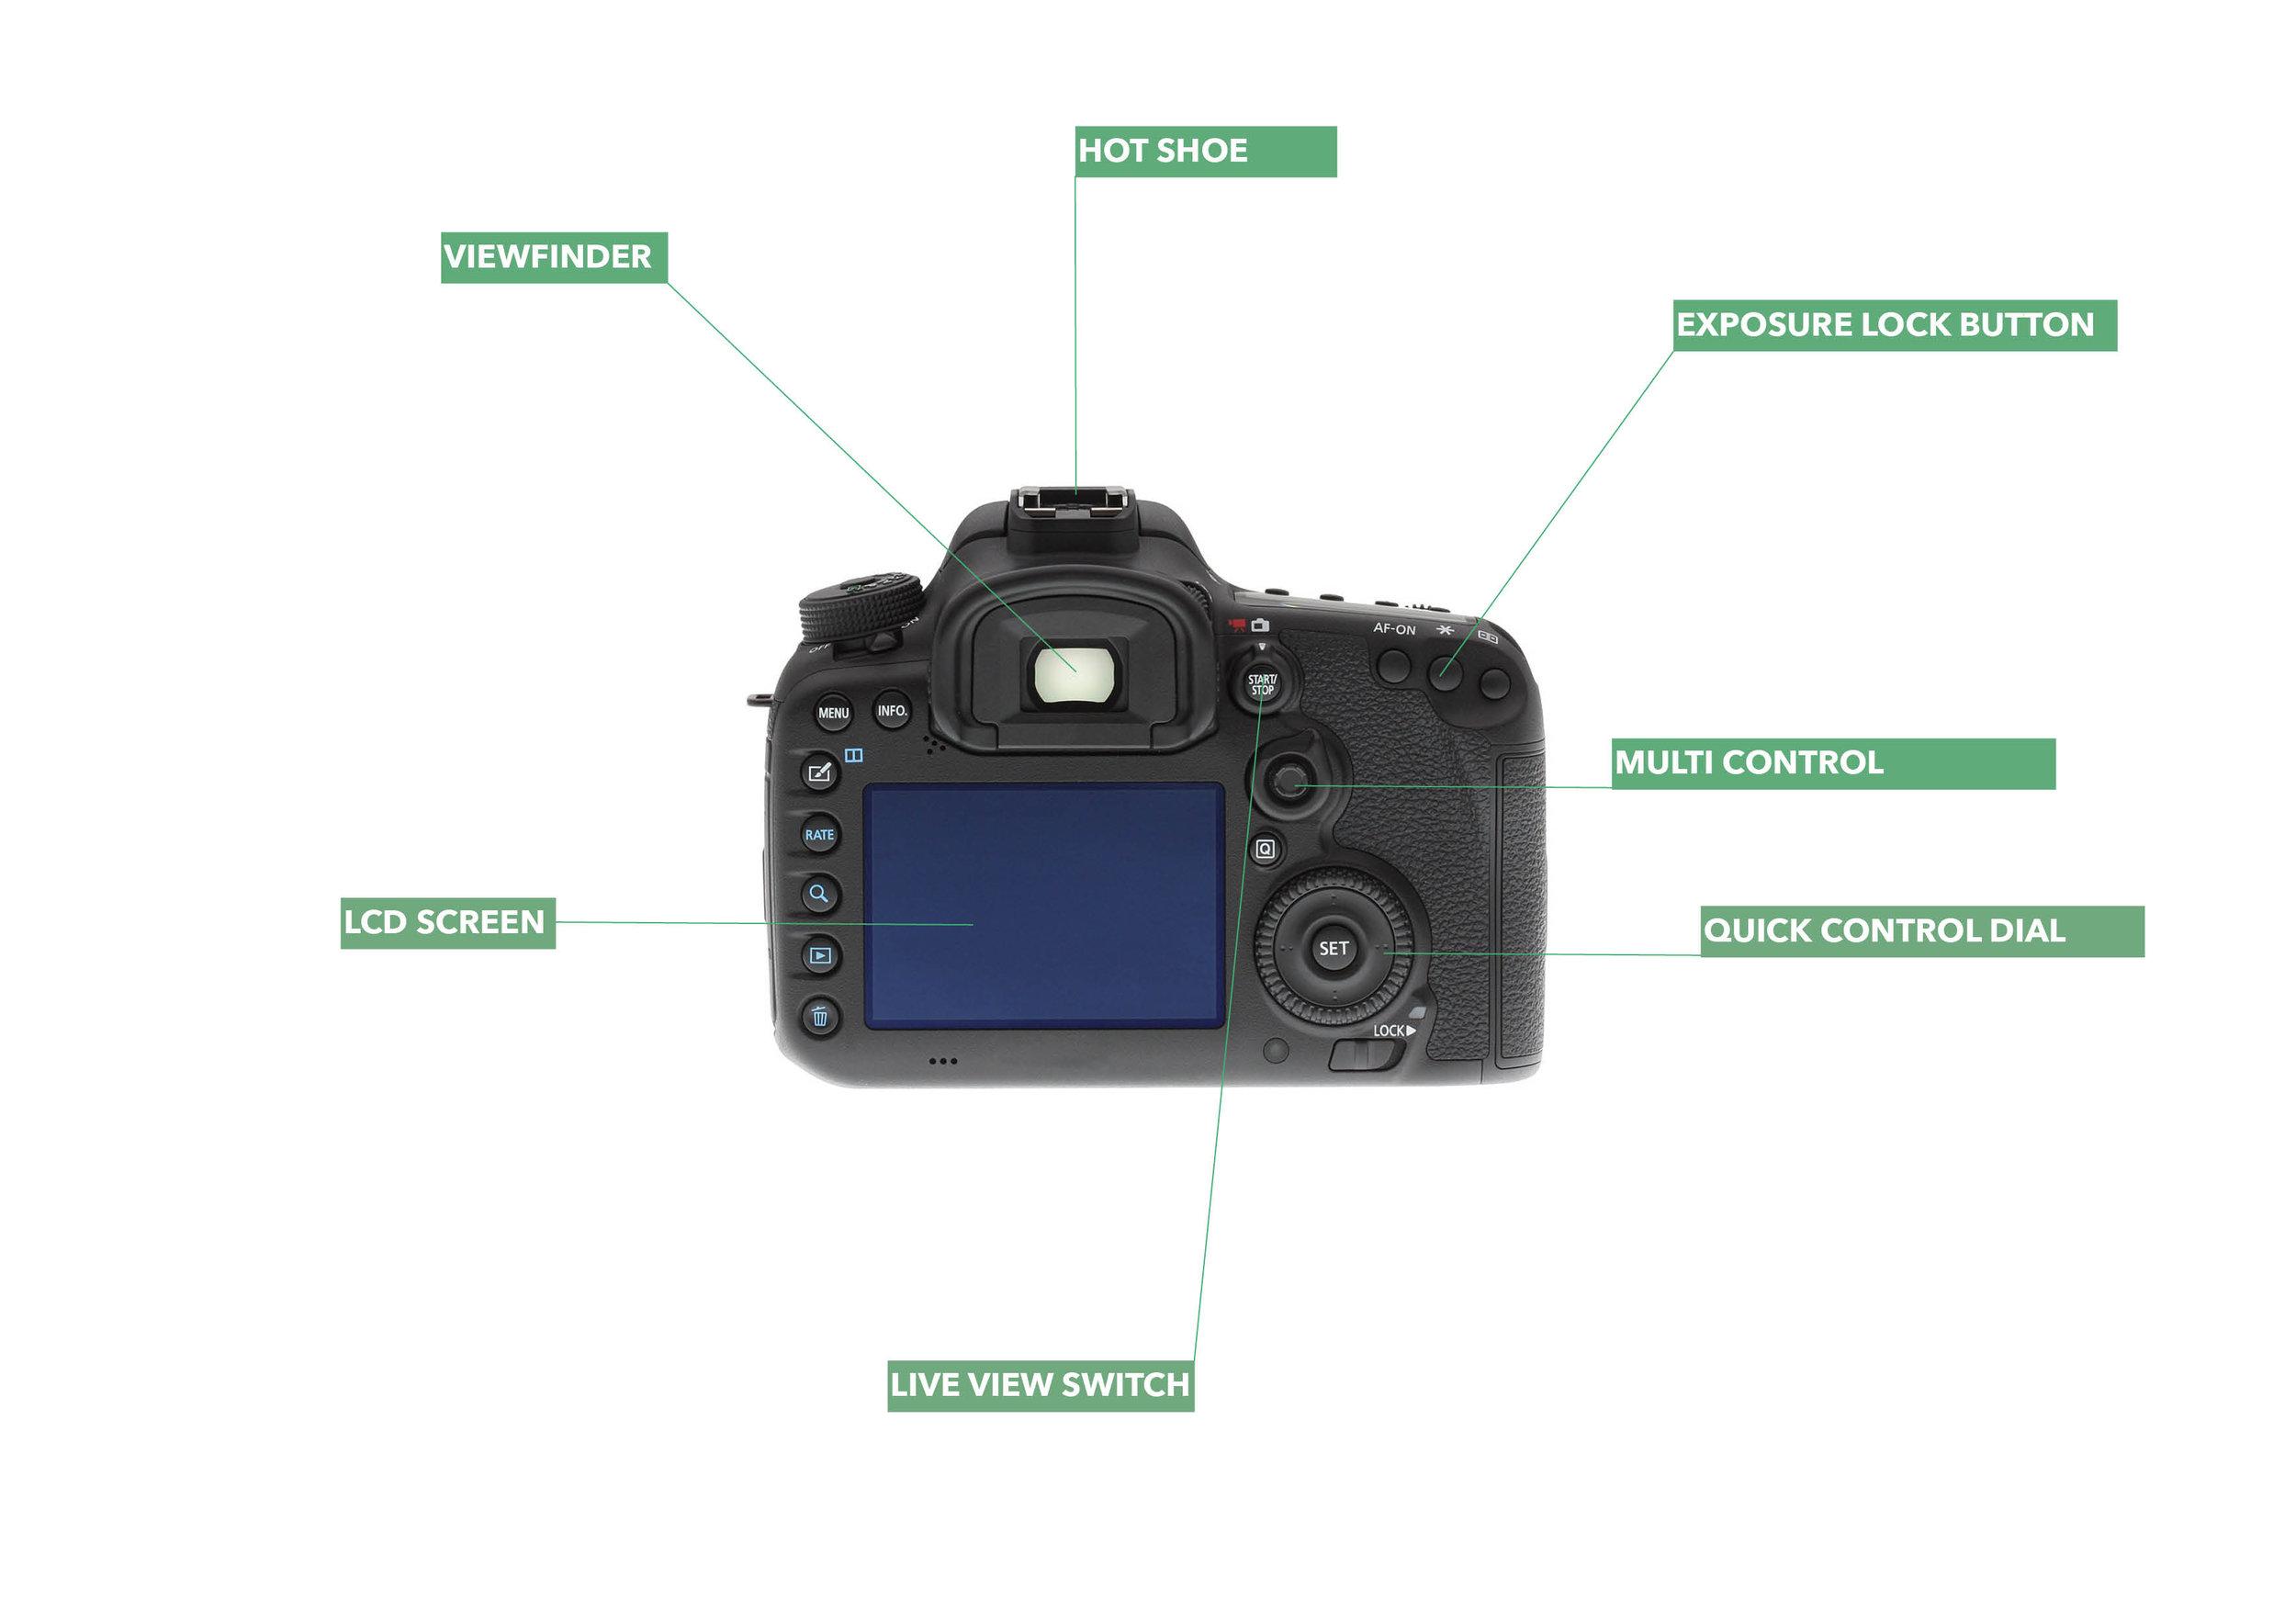 Back of a DSLR camera